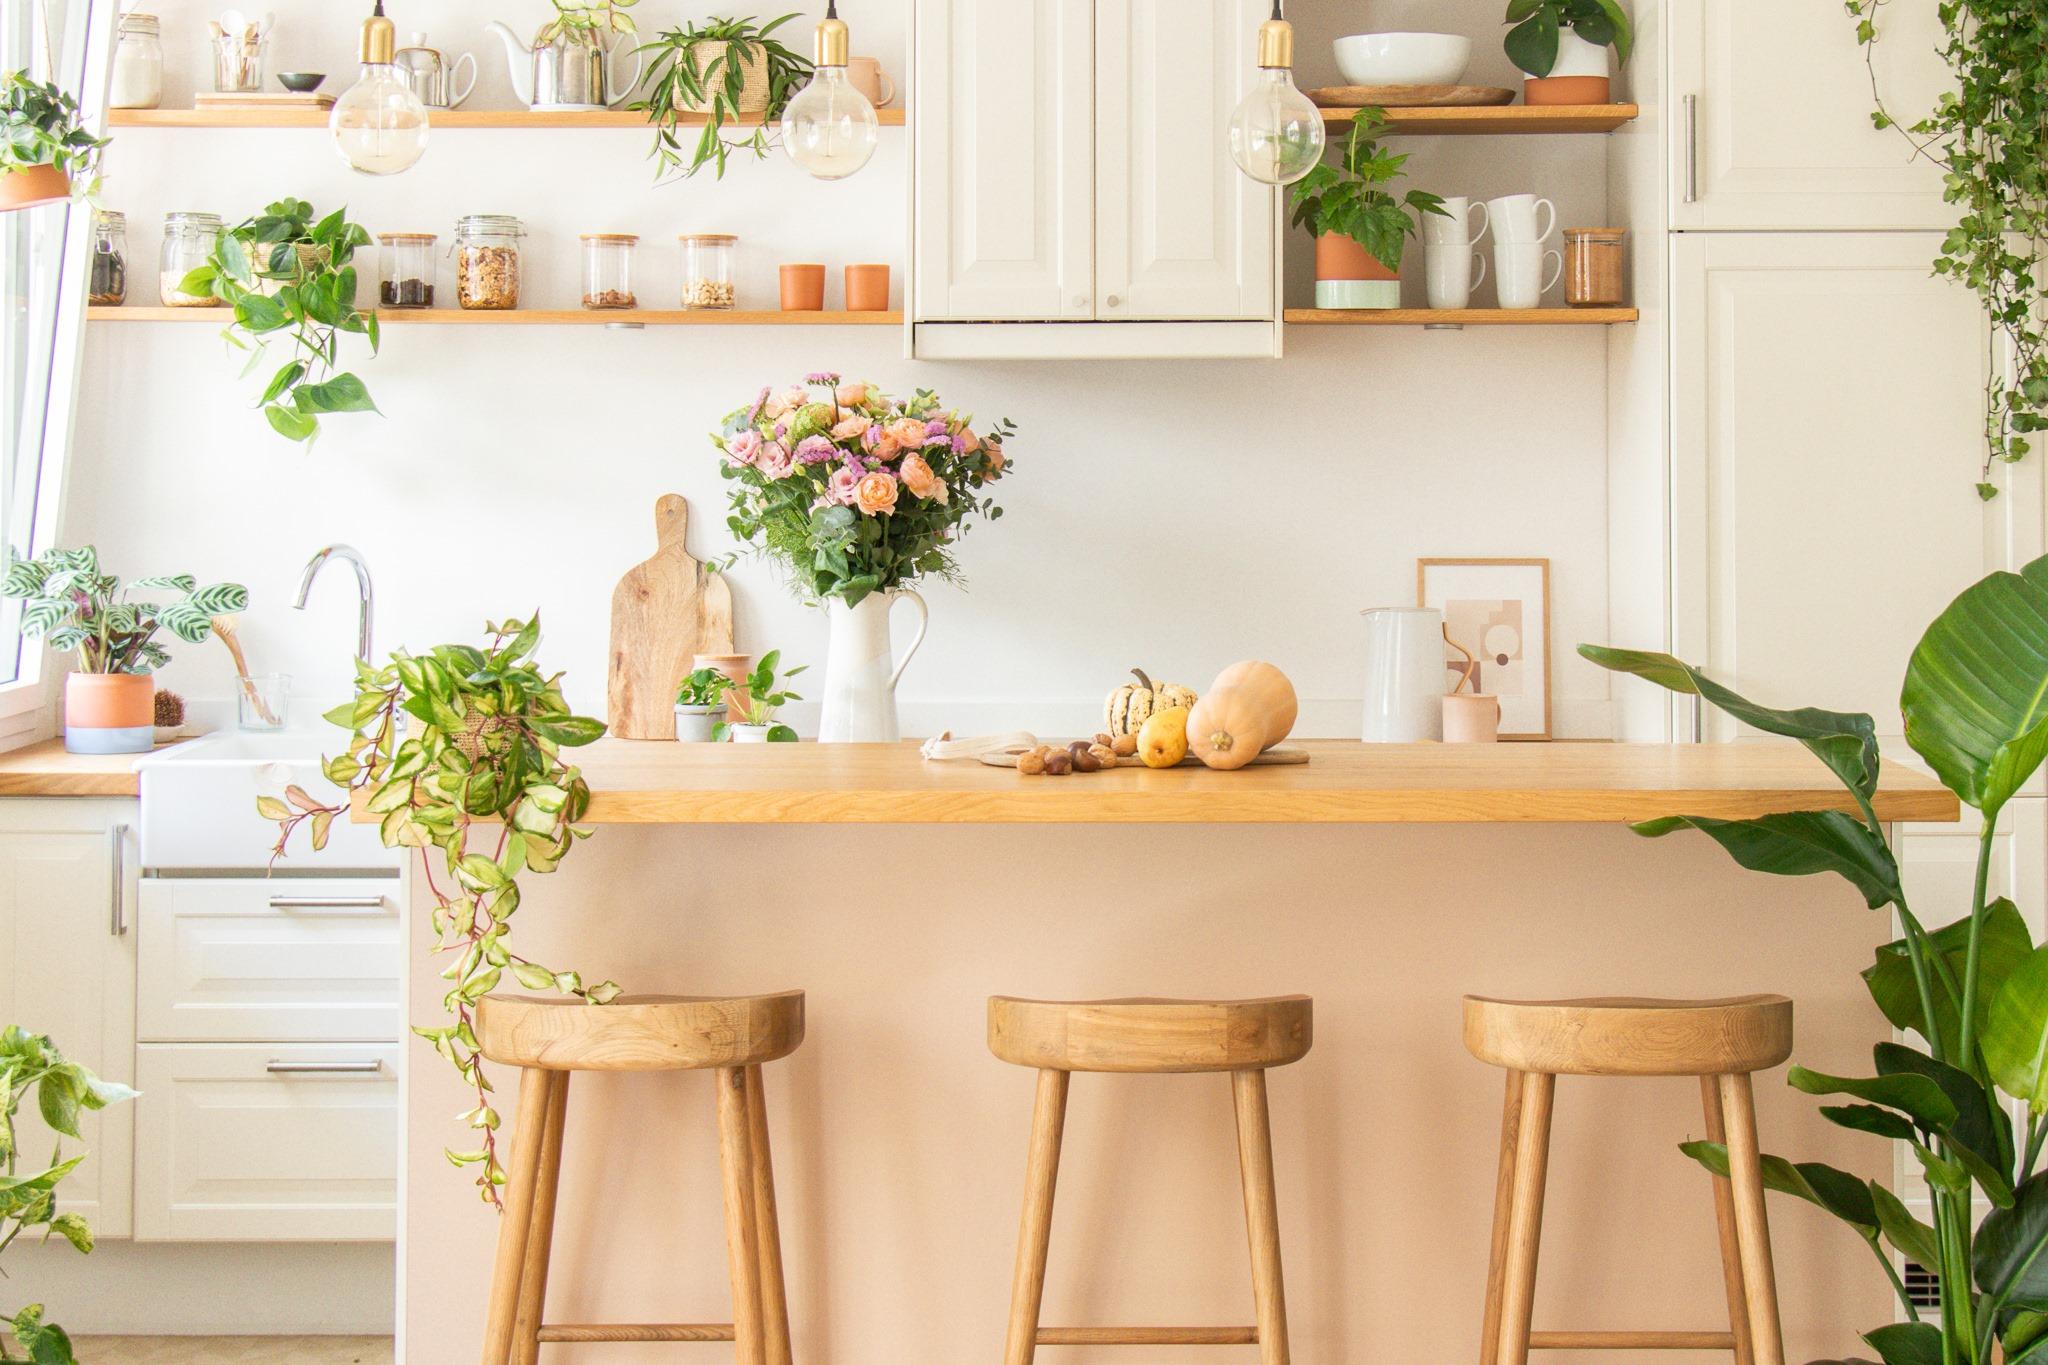 Hol dir Natur in die Wohnung: Bergamotte feiert Eröffnung.